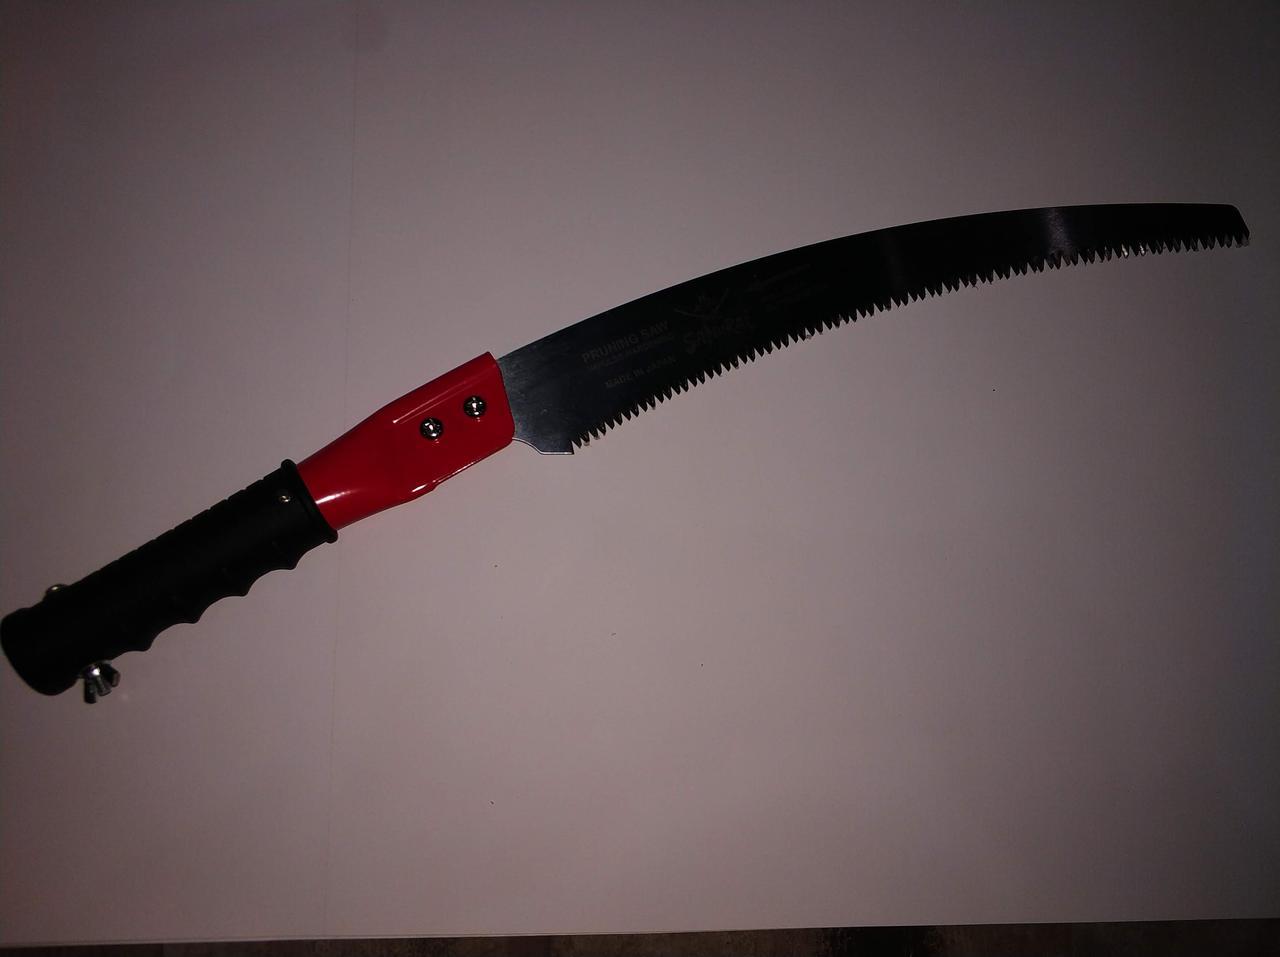 Пила с изогнутым полотном, трубчатая ручка, крепление телескопическое удлиненное, L=330 мм/4 мм